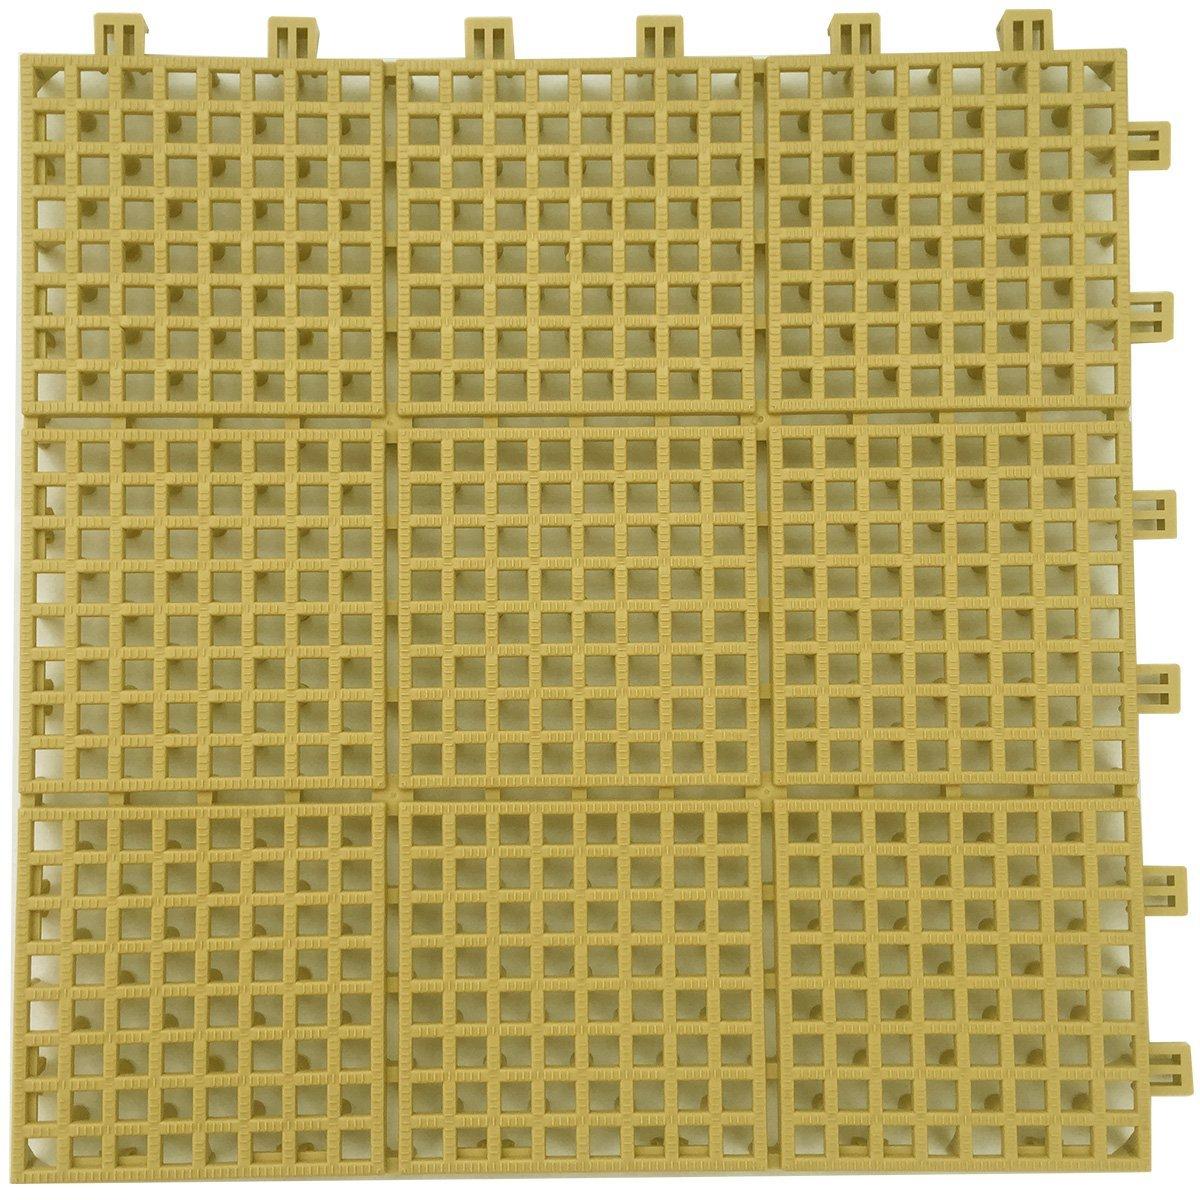 LIXIL(リクシル) INAX バルコニー用ユニットタイル セライージー副部材 納まり用樹脂マット ライトベージュ TFU-F300/LB B01ERPTEIM 10335 ライトベージュ ライトベージュ